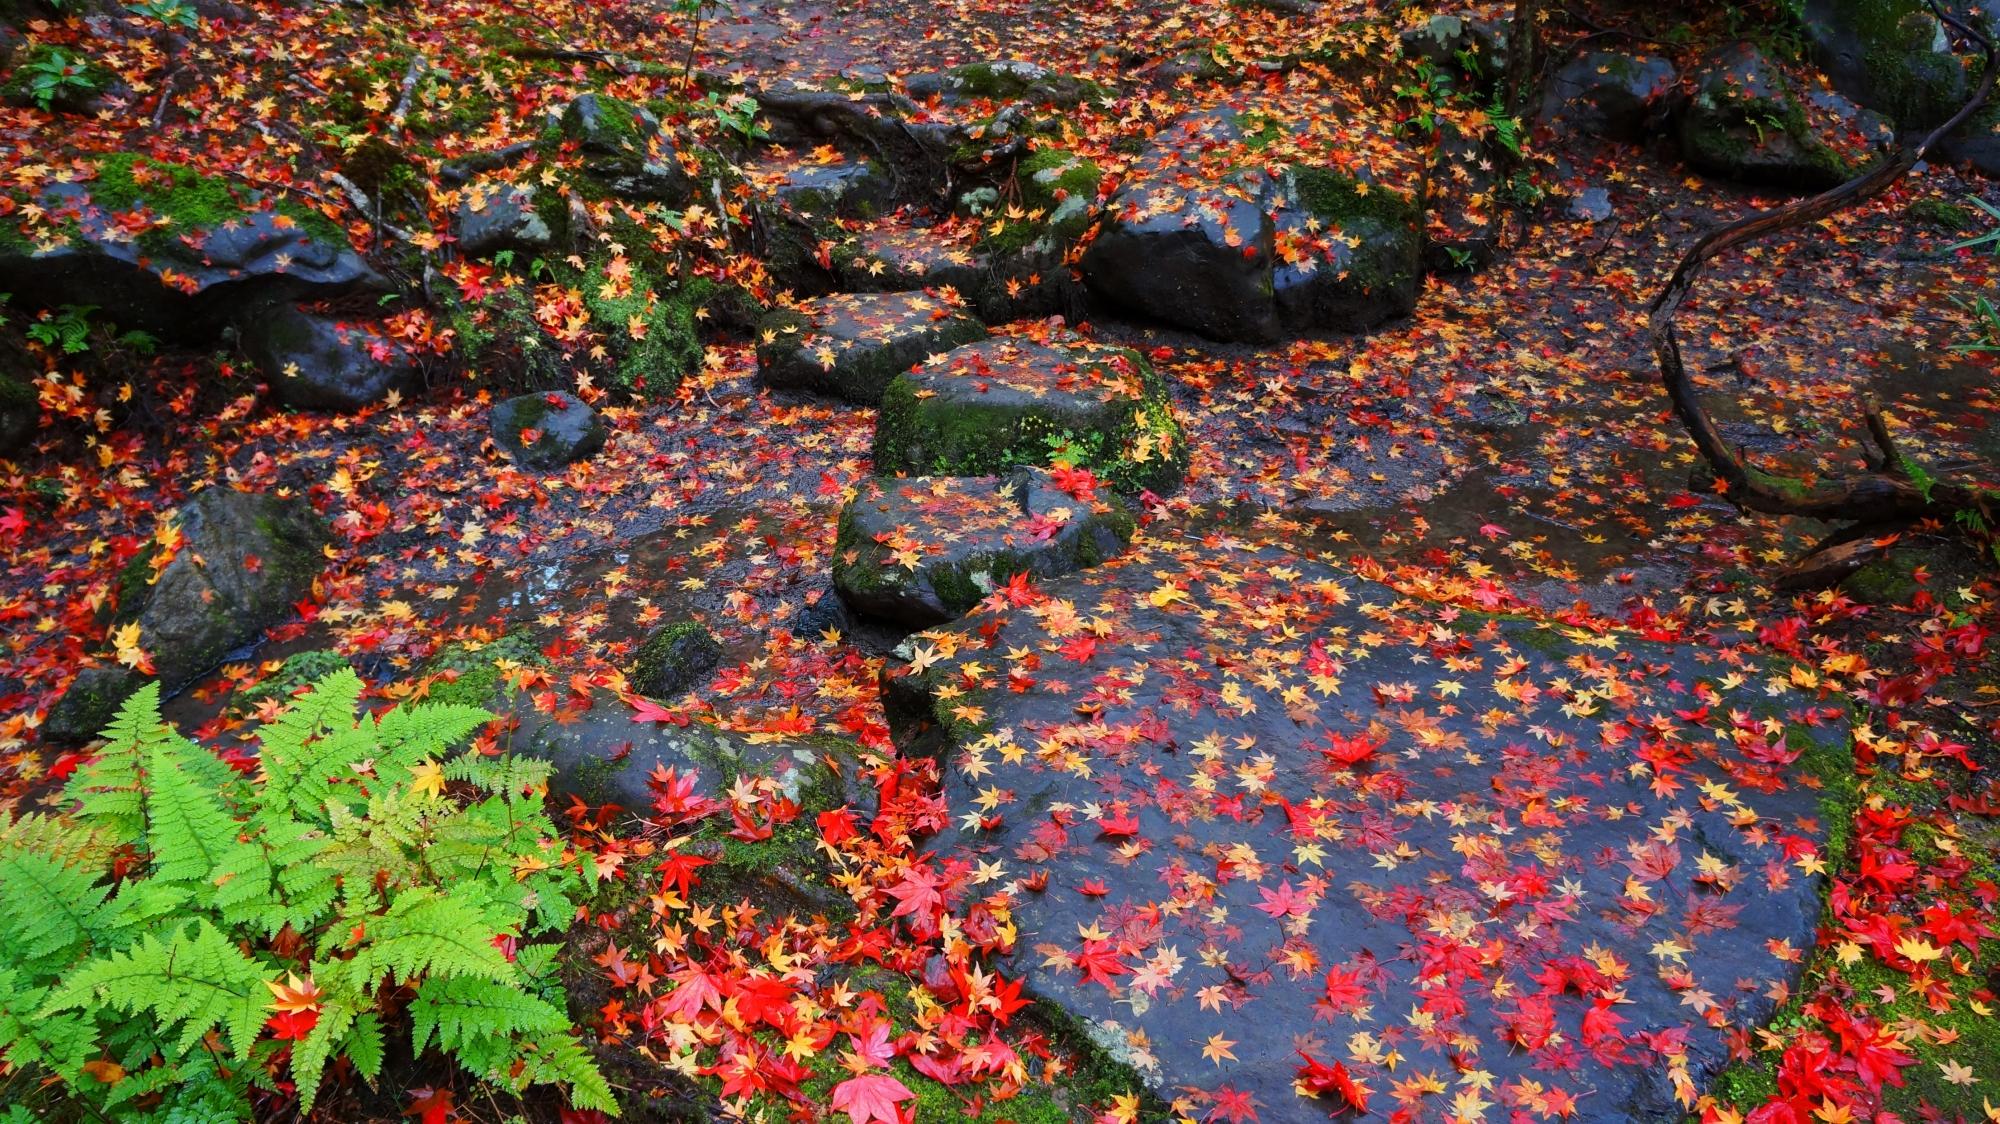 穴場の栖賢寺の岩に散った華やかな紅葉